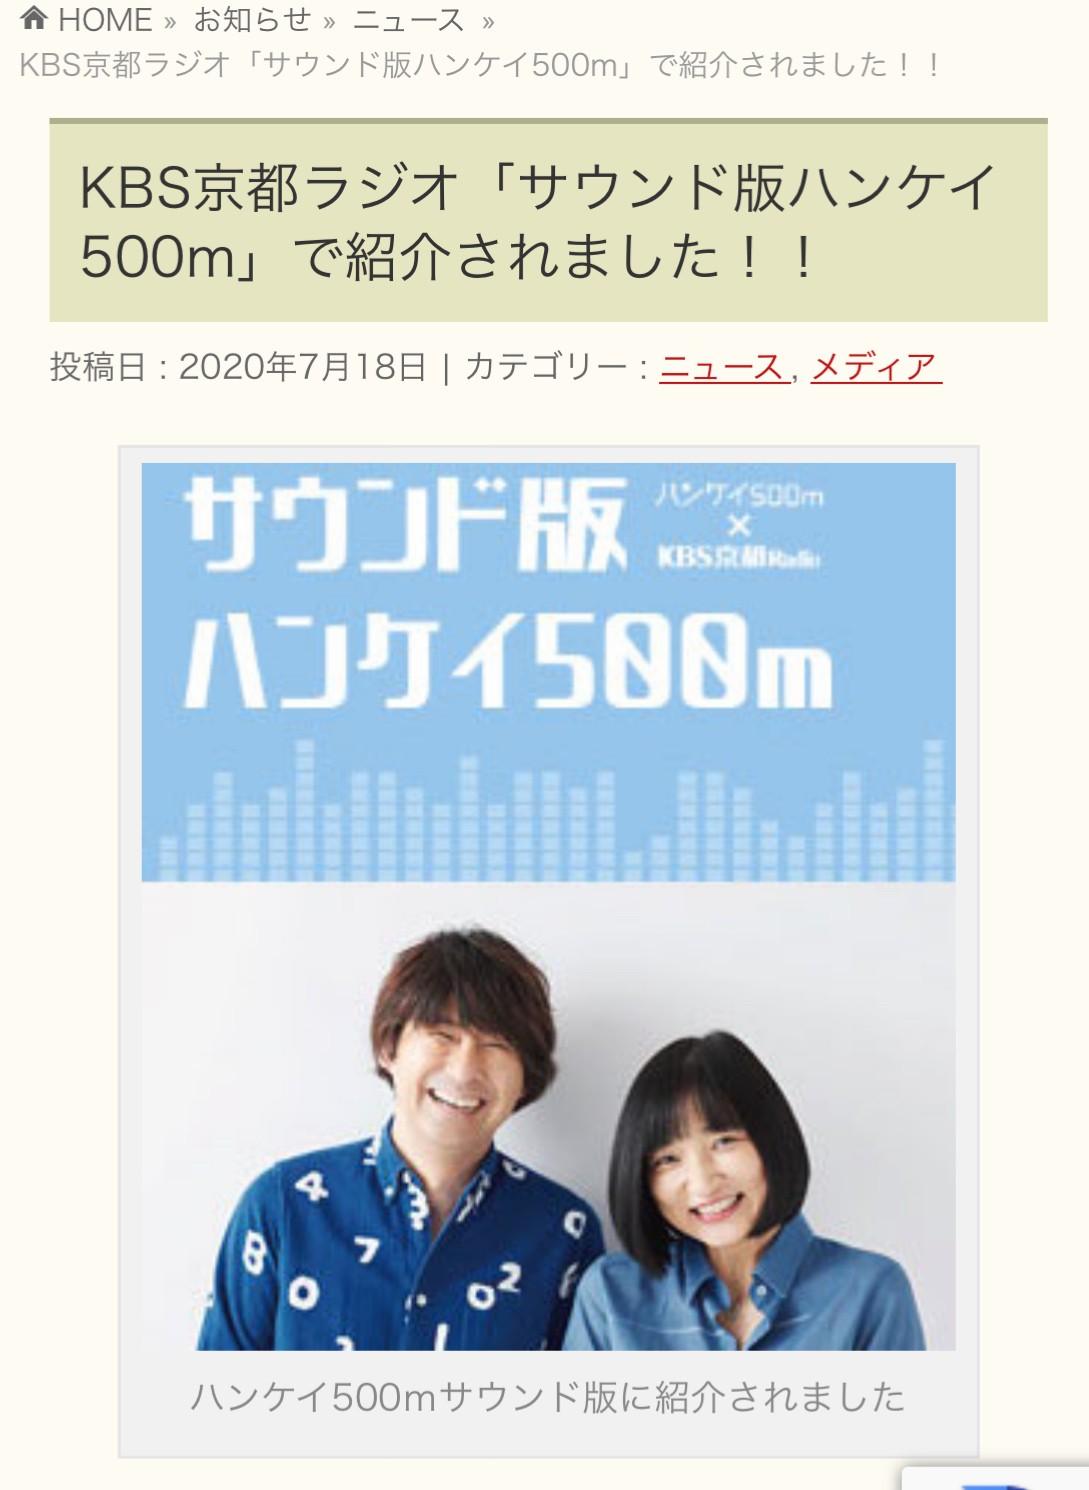 ハンケイ500  m  KBS京都ラジオで話題に…